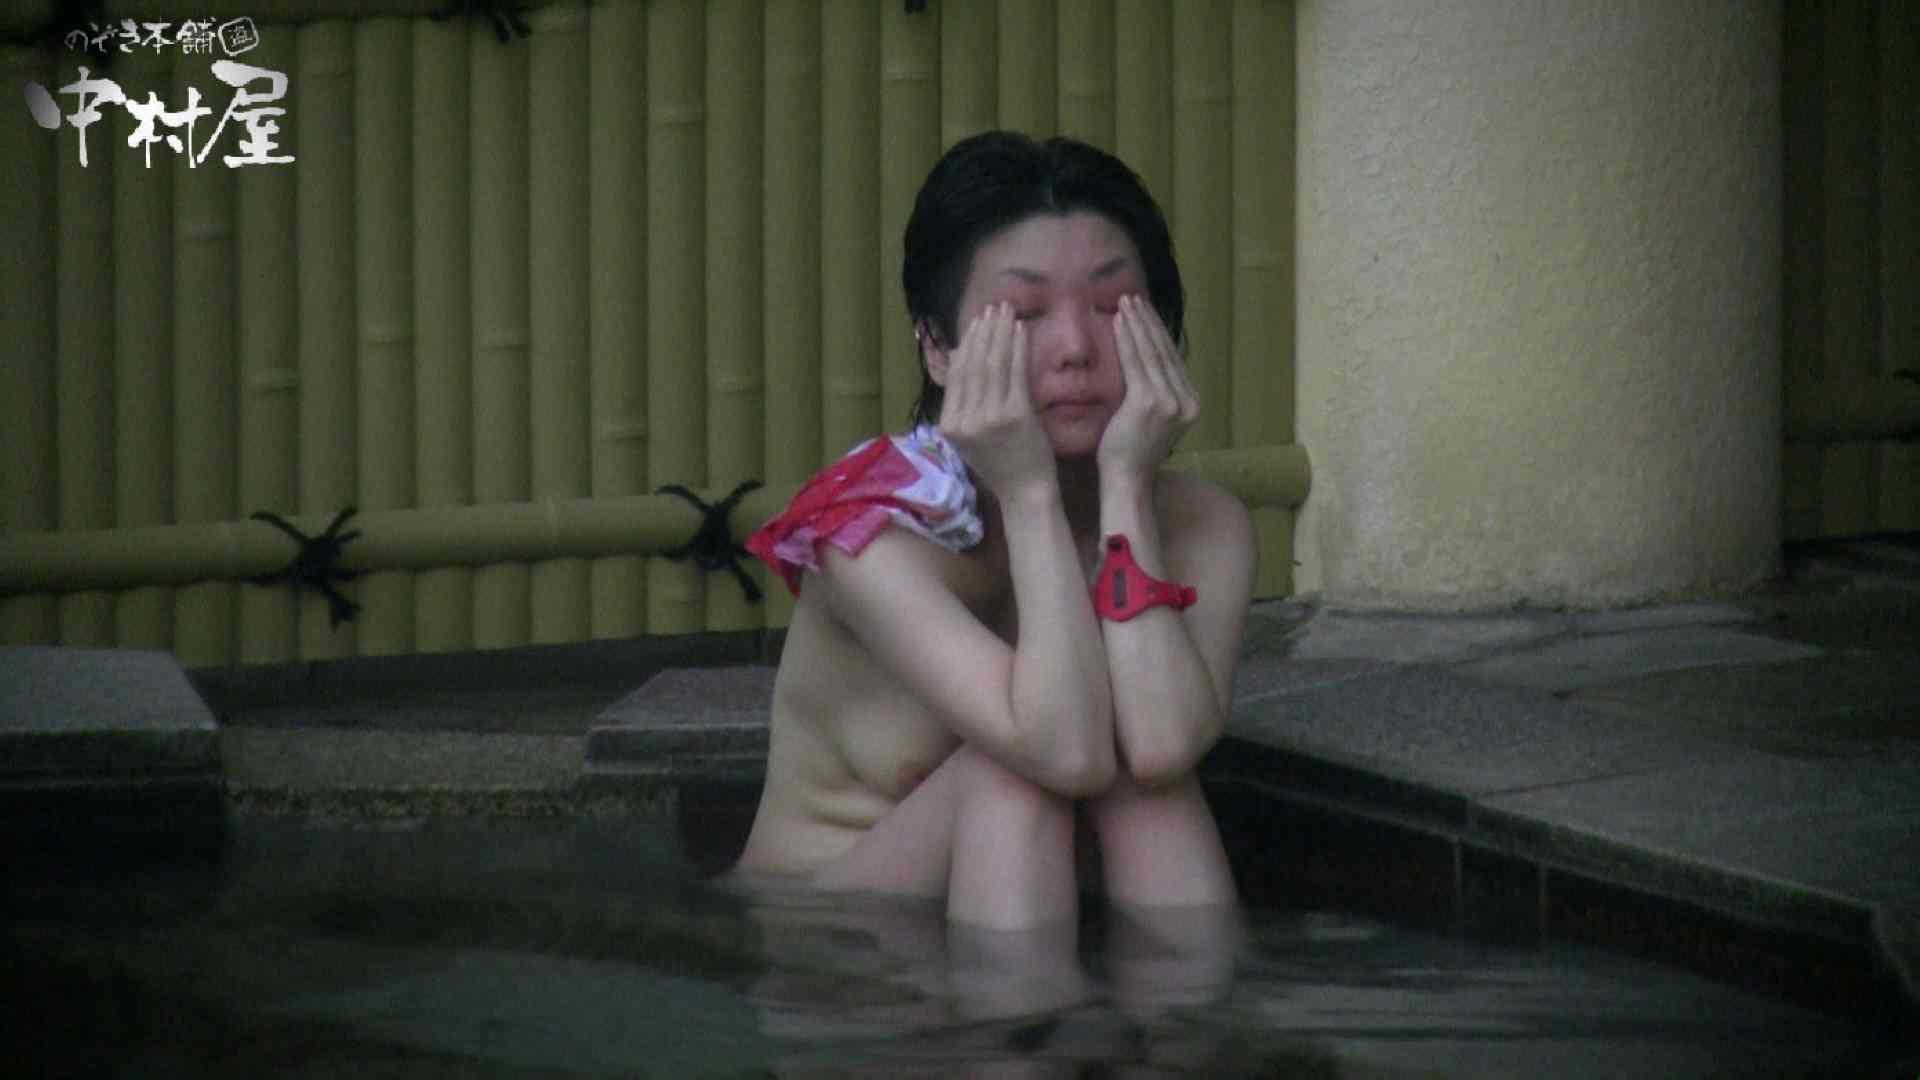 Aquaな露天風呂Vol.884 盗撮師作品 | 美しいOLの裸体  92pic 7